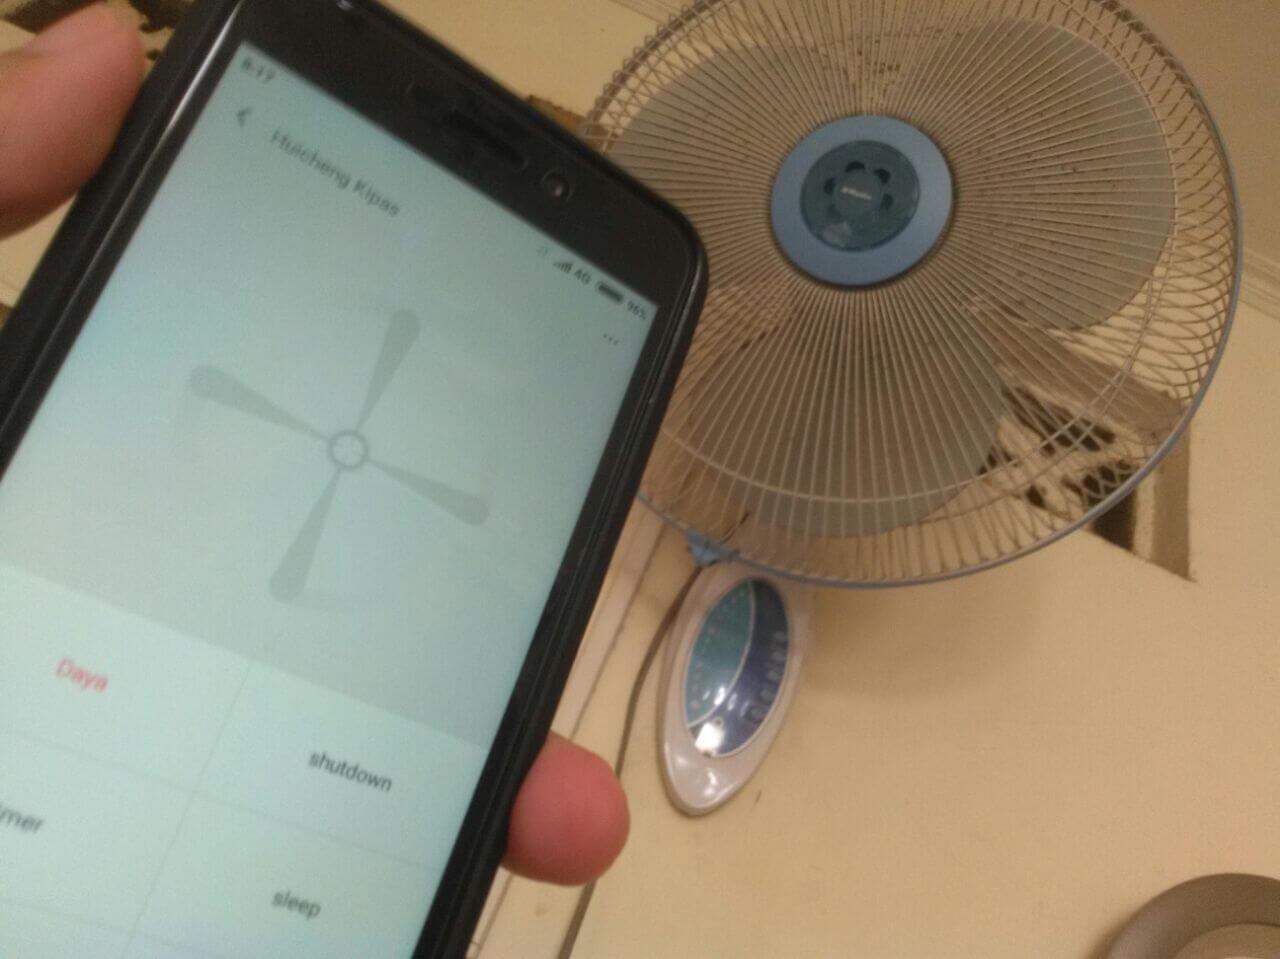 Remote Kipas Angin Miyako Dengan Mi Remote